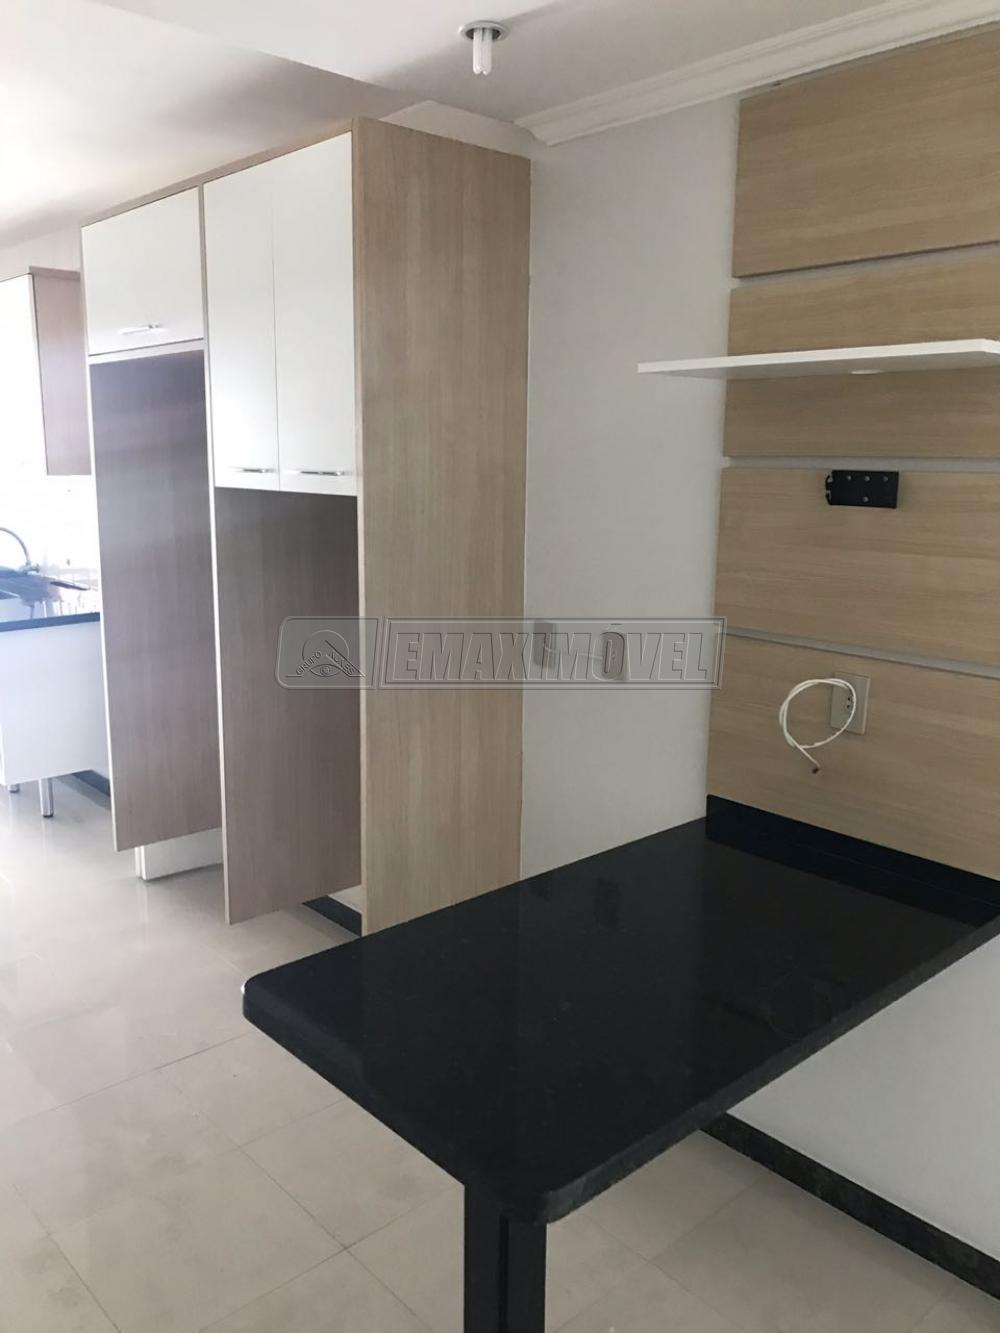 Alugar Apartamentos / Apto Padrão em Sorocaba apenas R$ 3.900,00 - Foto 14